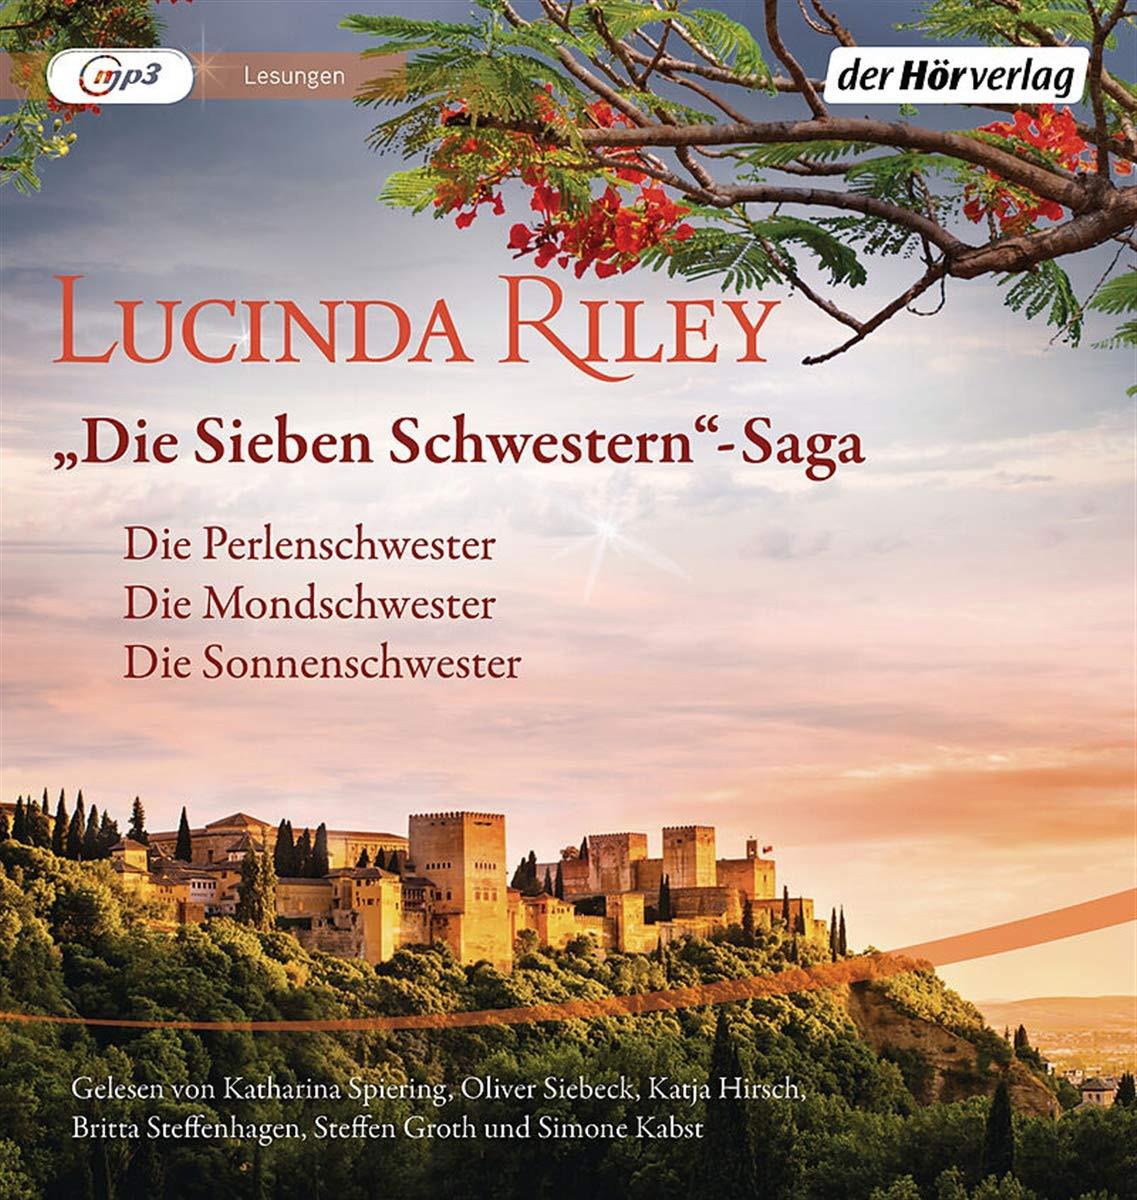 Lucinda Riley - Die Sieben Schwestern-Saga (4-6)